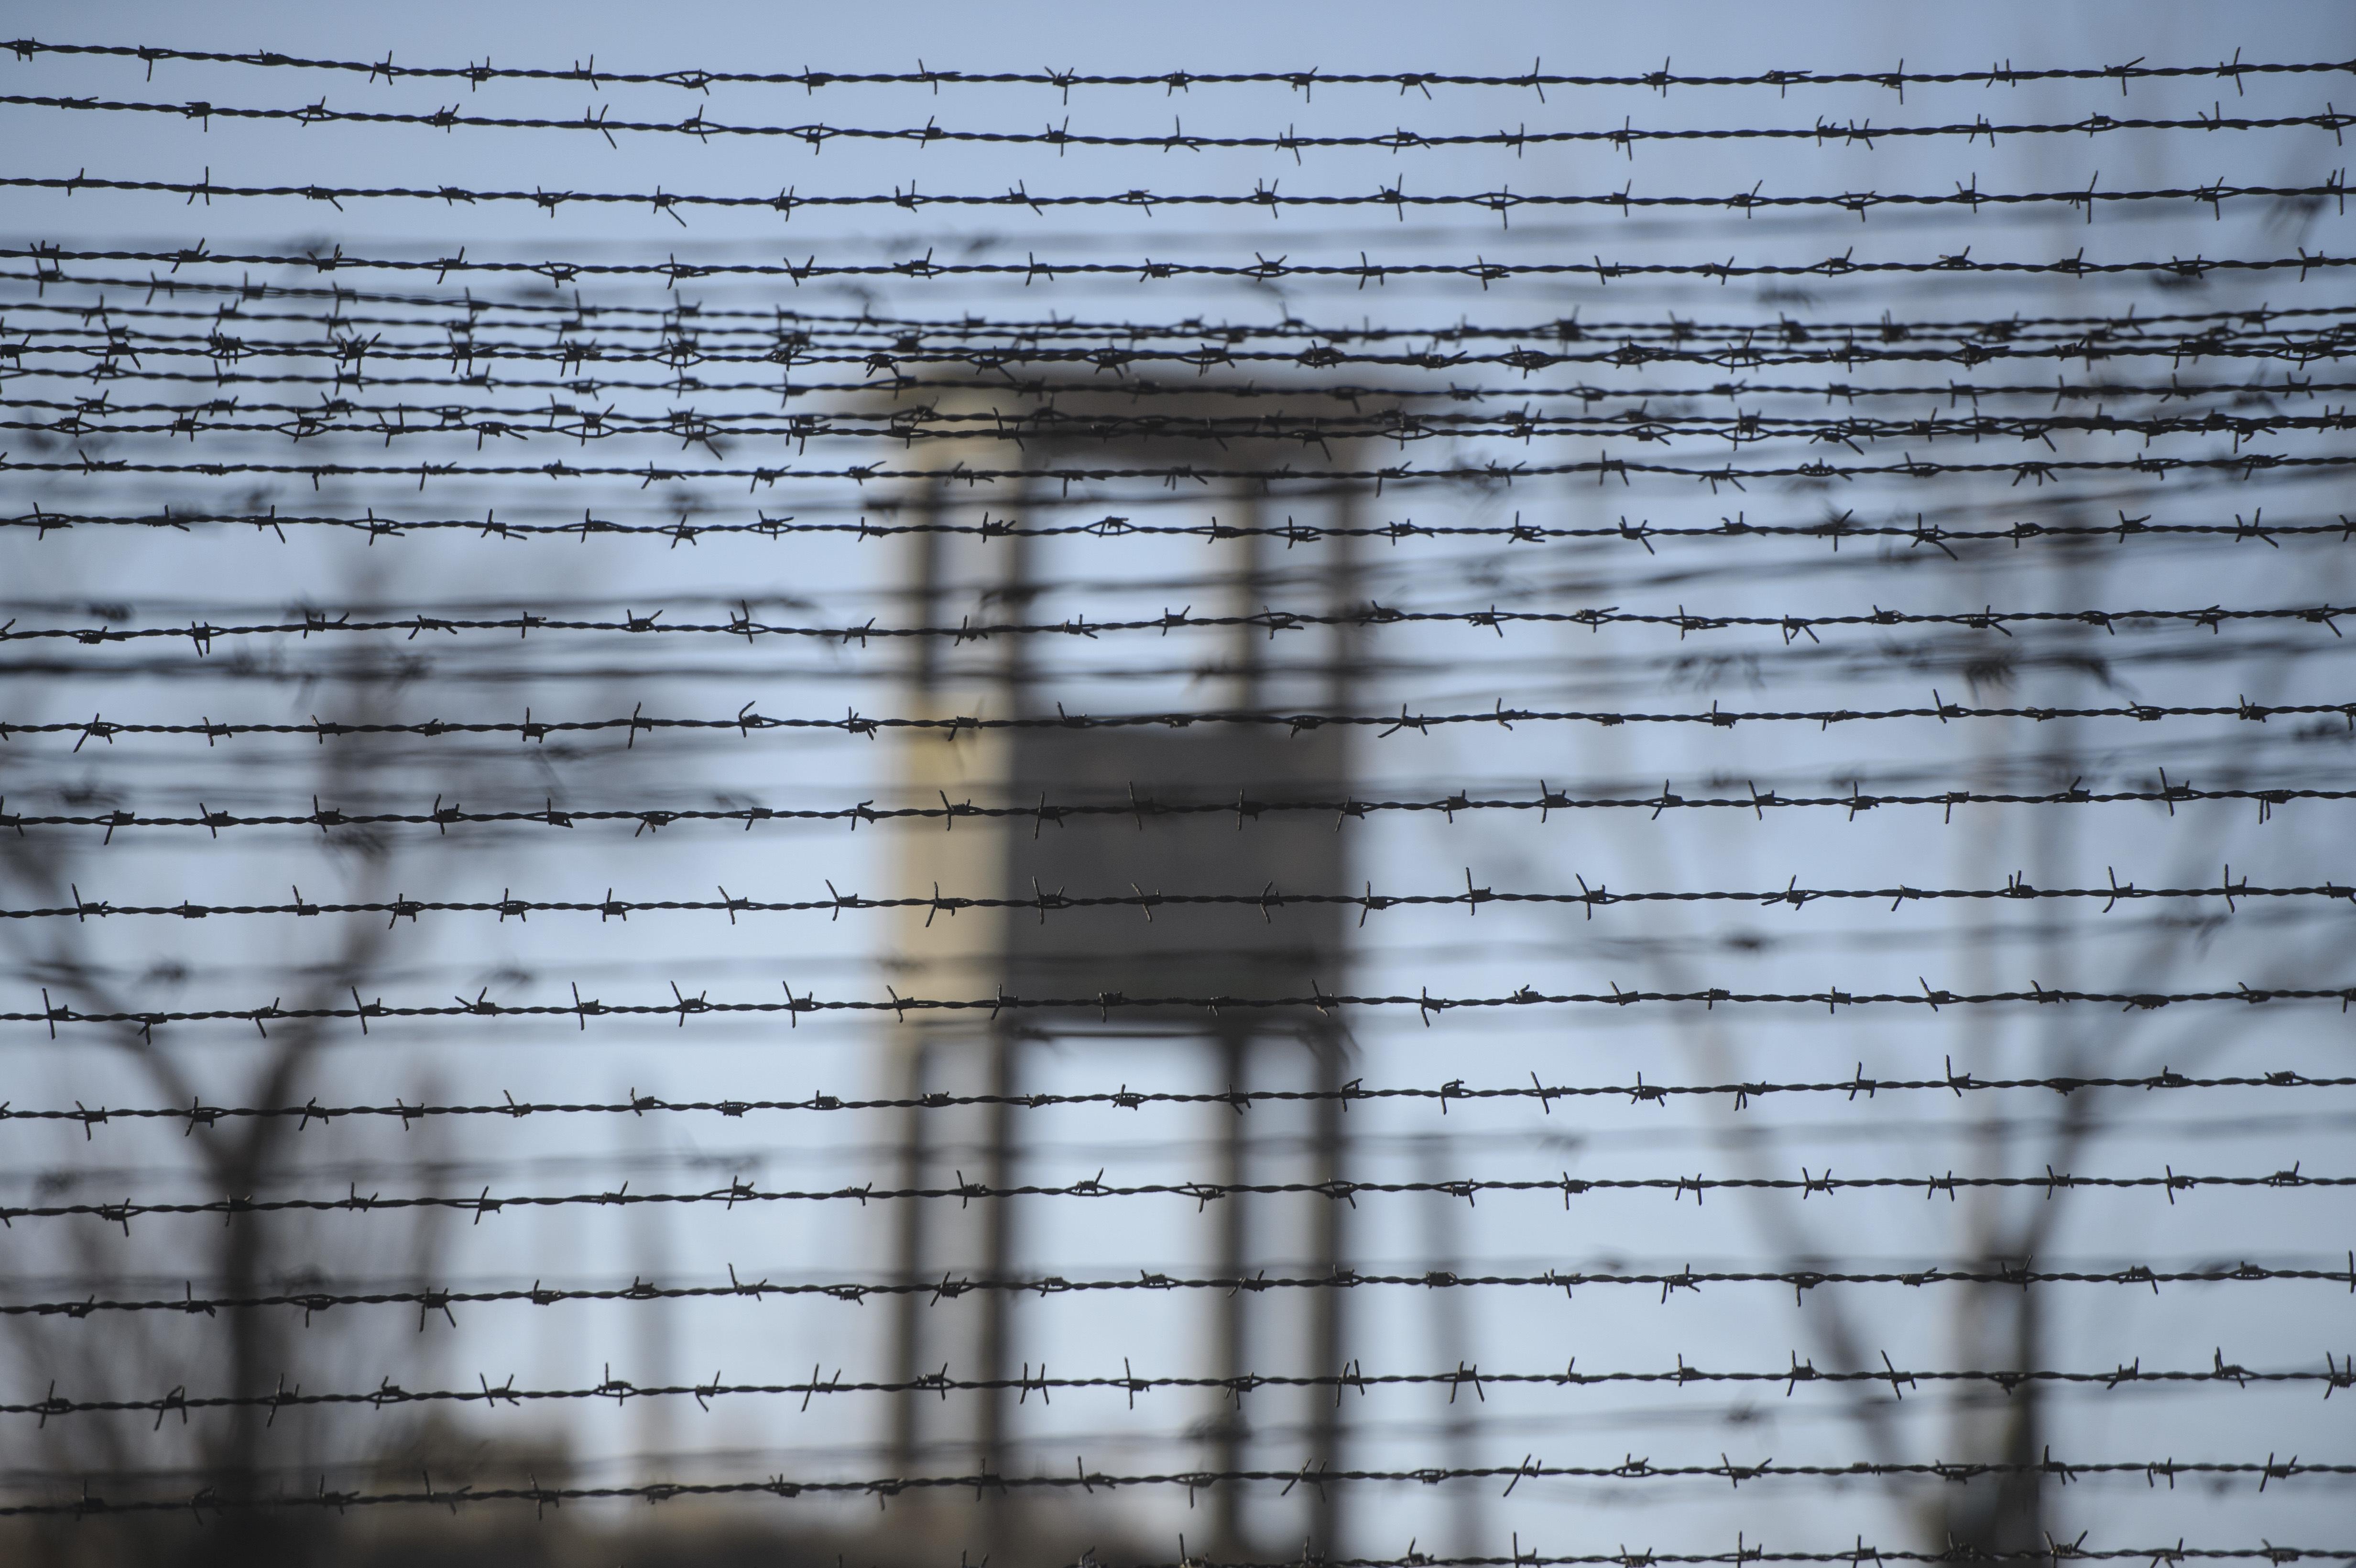 Administraţia Naţională a Penitenciarelor: Până duminică, 732 de persoane au fost eliberate din închisori ca urmare a aplicării recursului compensatoriu